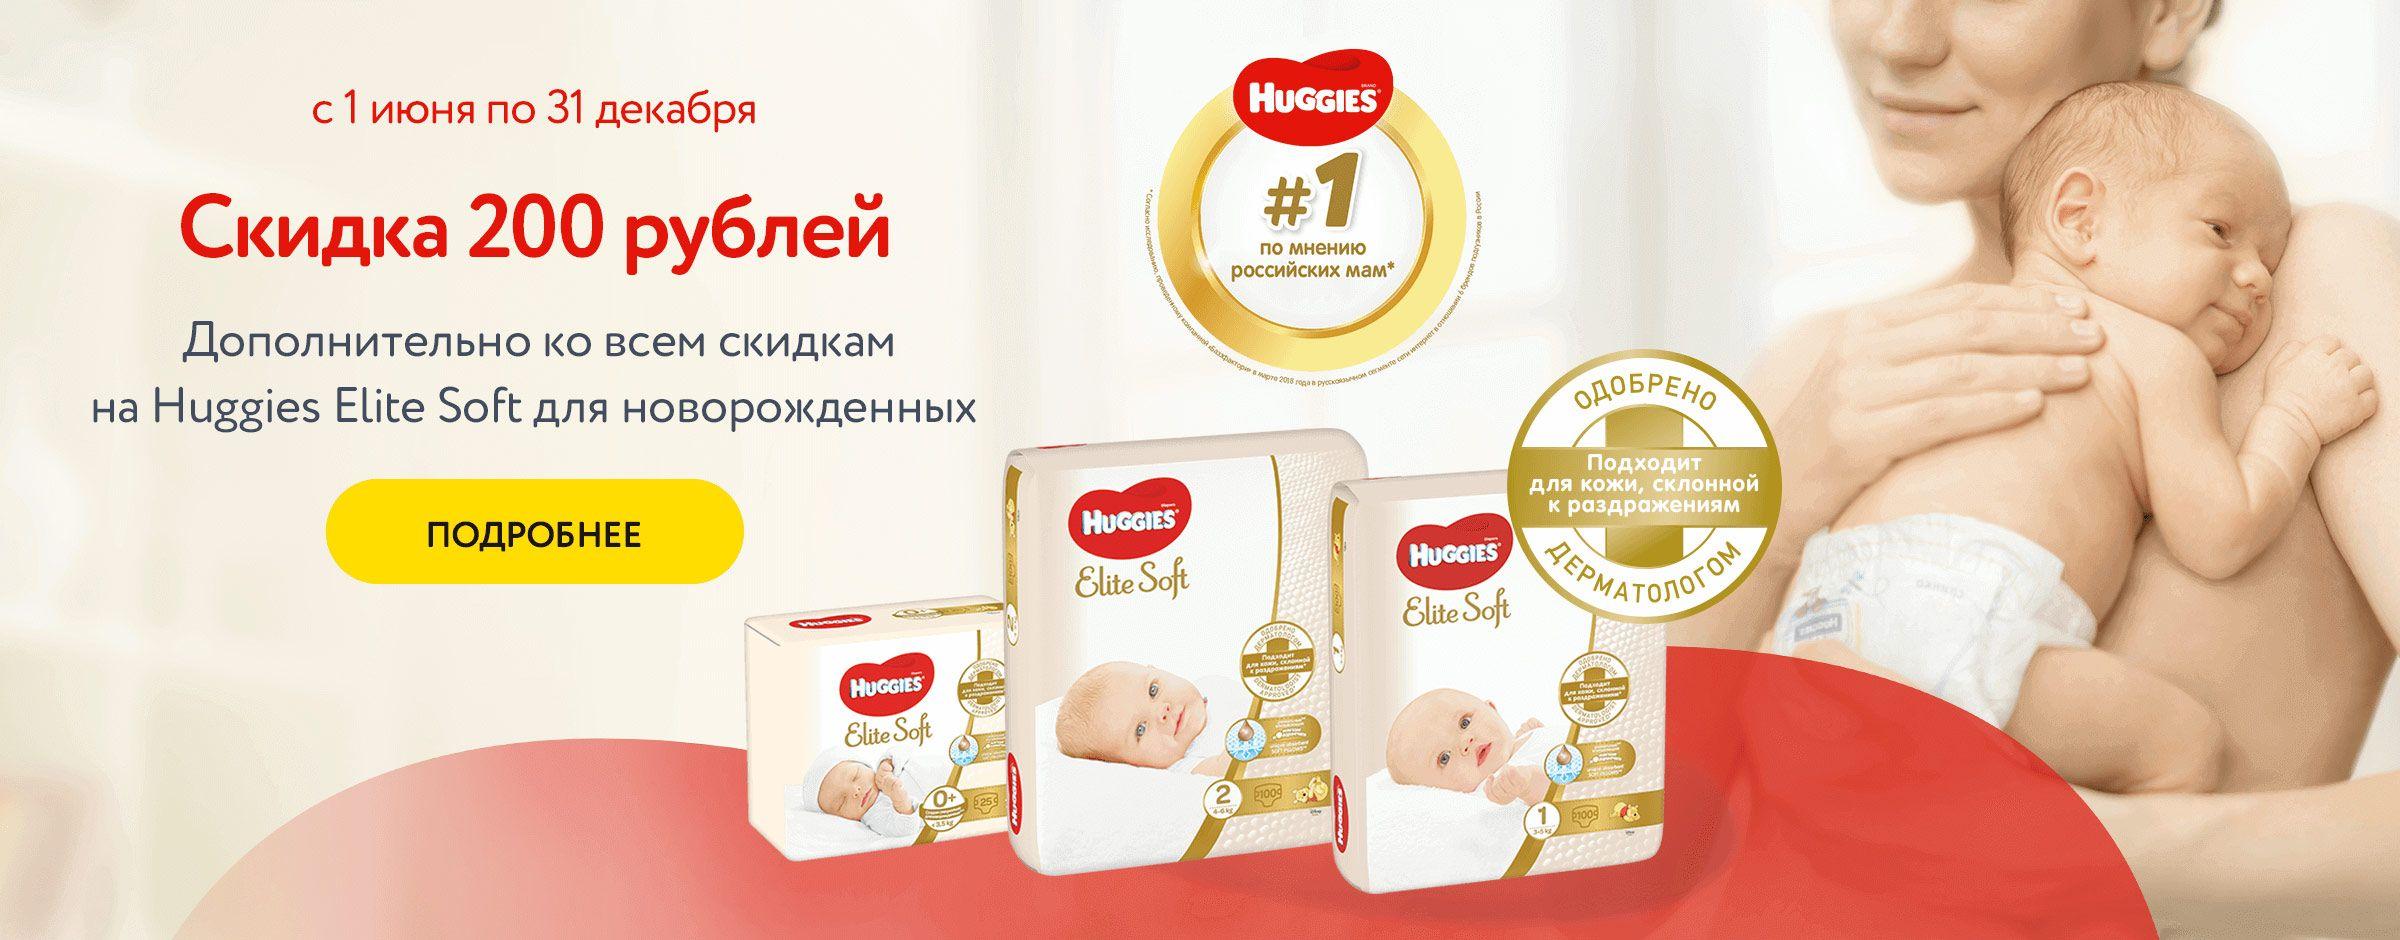 Huggies EPOME Верхняя одежда для новорожденных